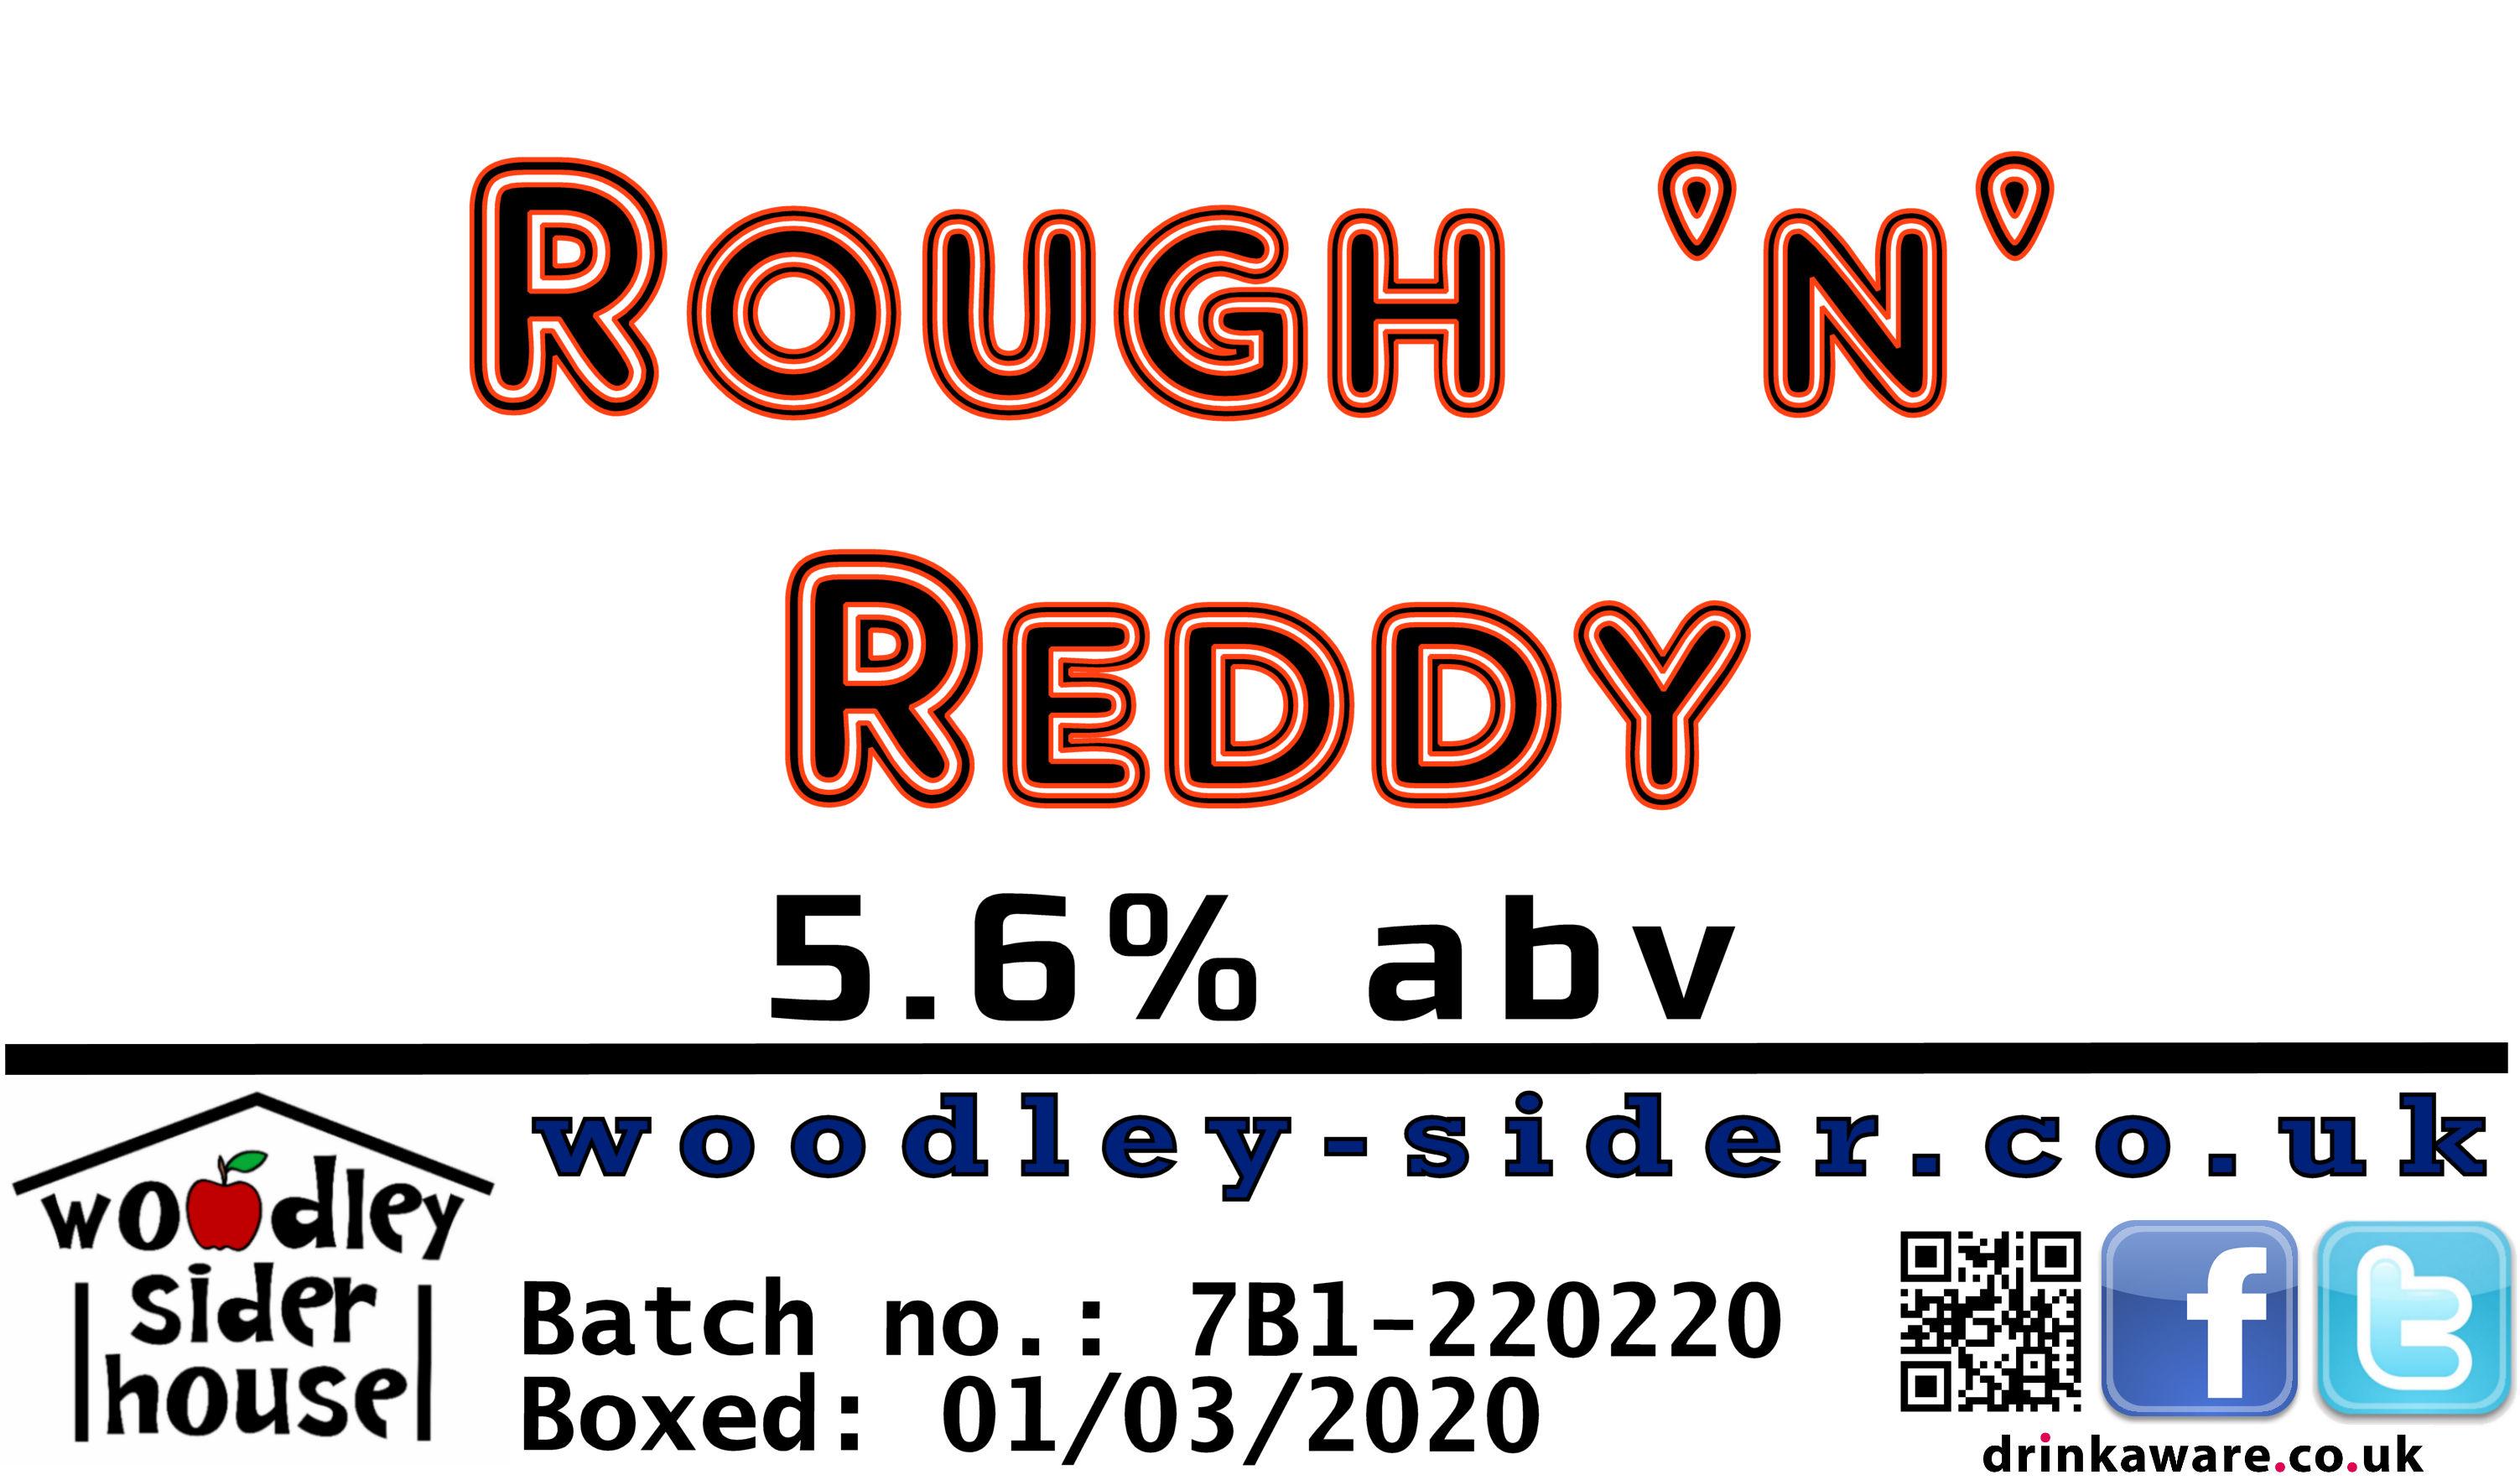 Rough 'n' Reddy